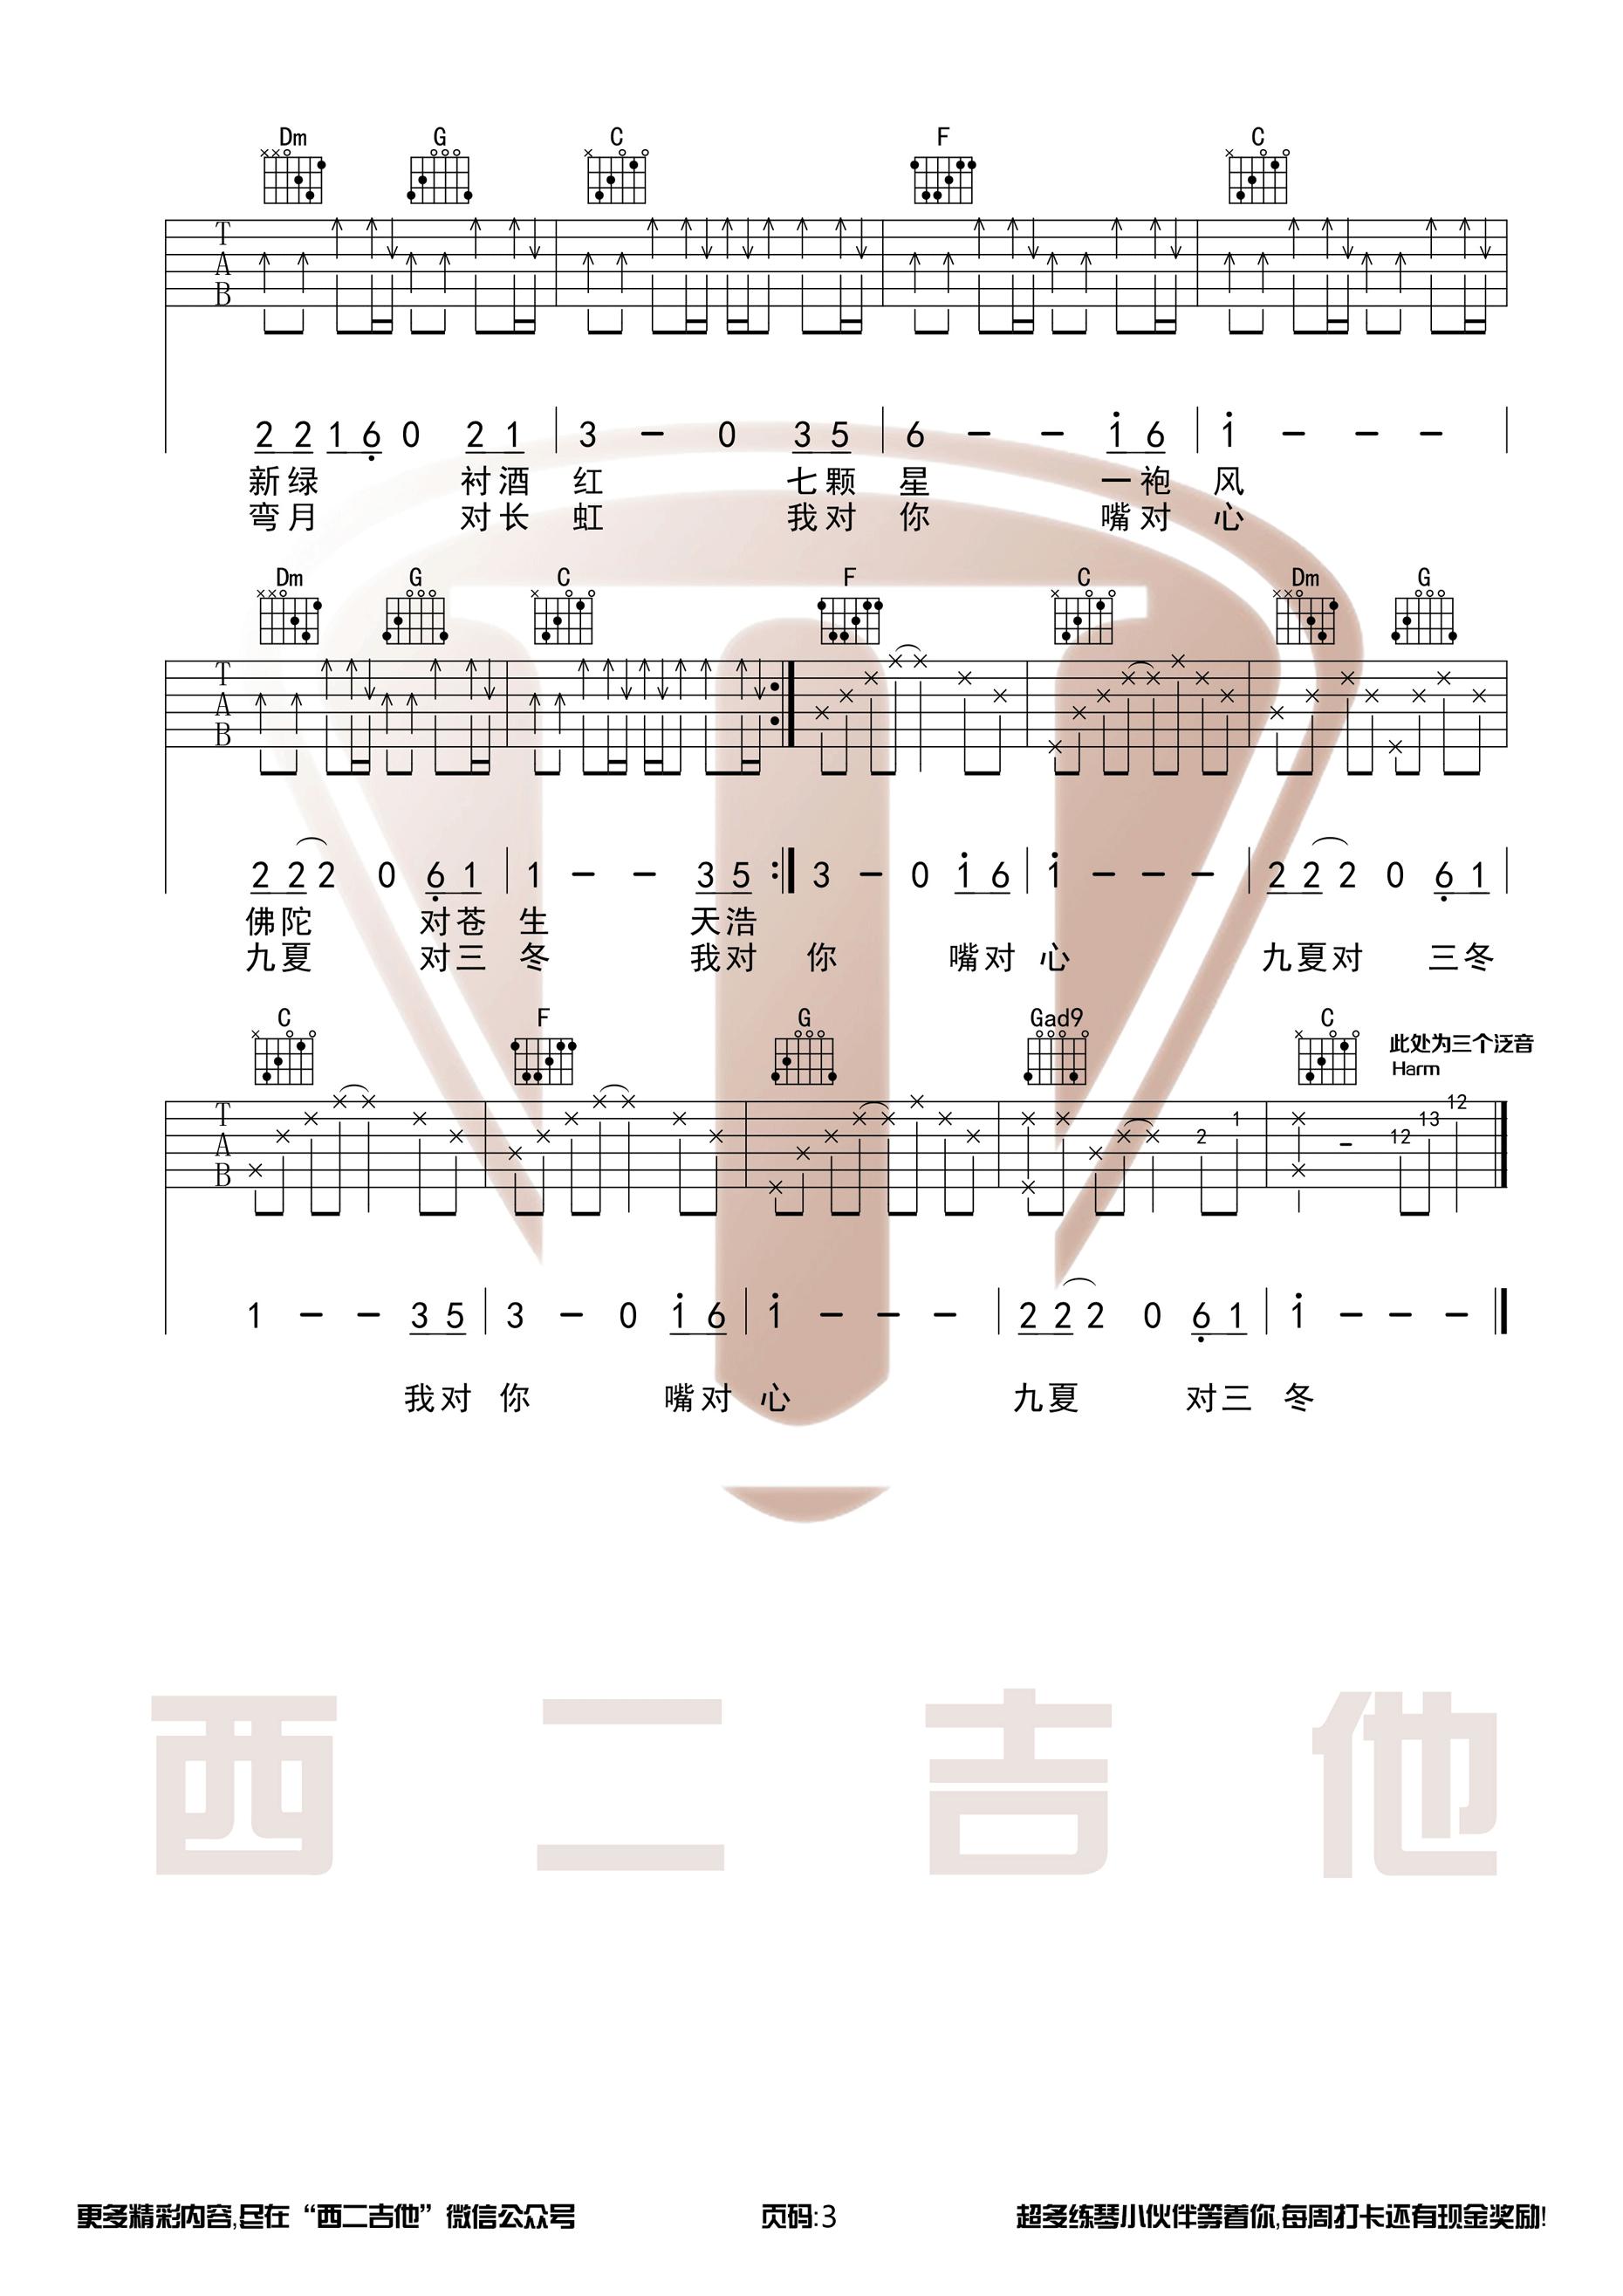 聲律啓蒙-趙照-图片吉他谱-3